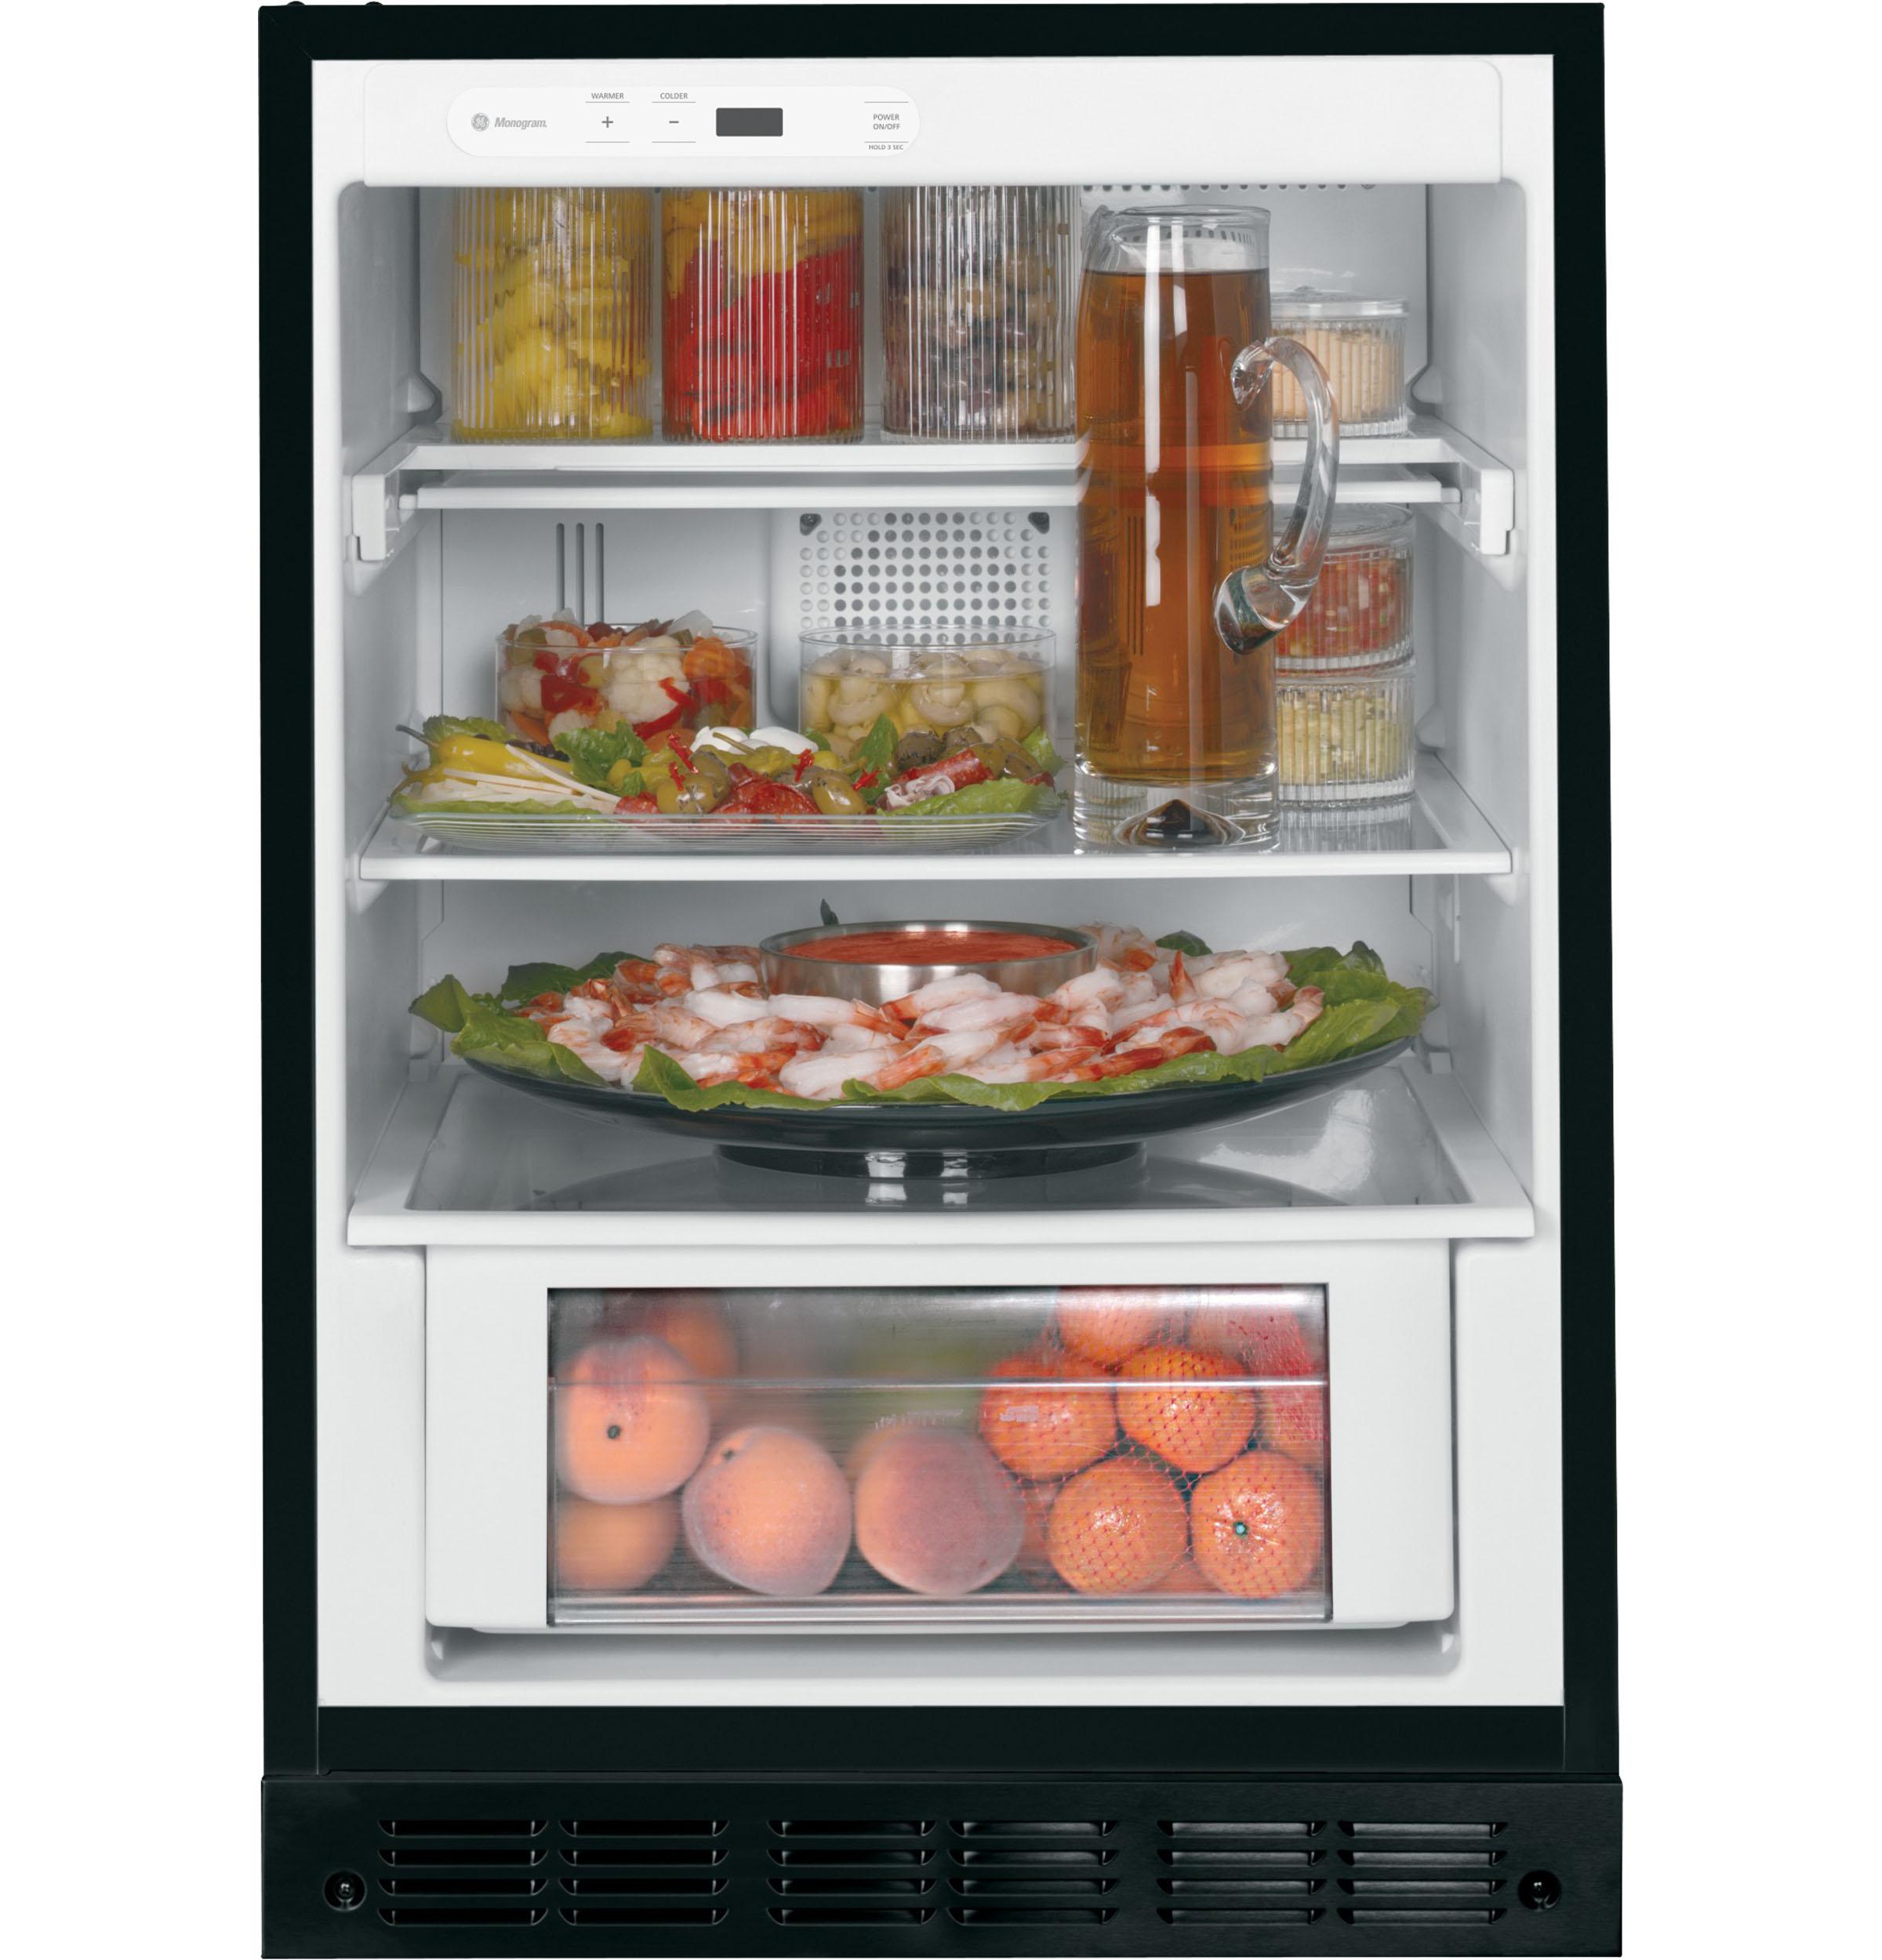 3. Adjustable shelves. Vegetable crisper. No freezer.